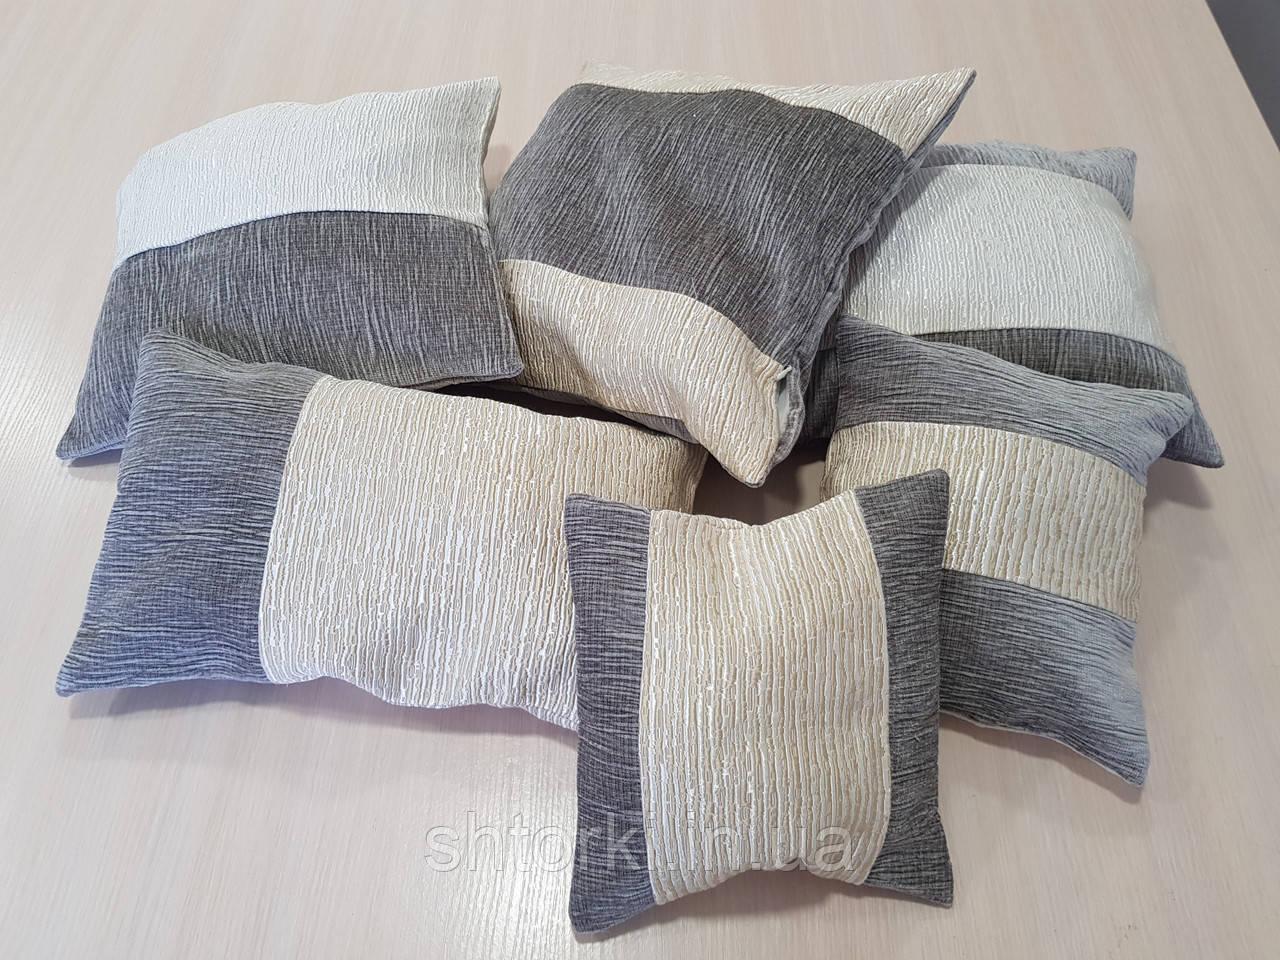 Комплект подушек рельефные серые с бежем, 6шт